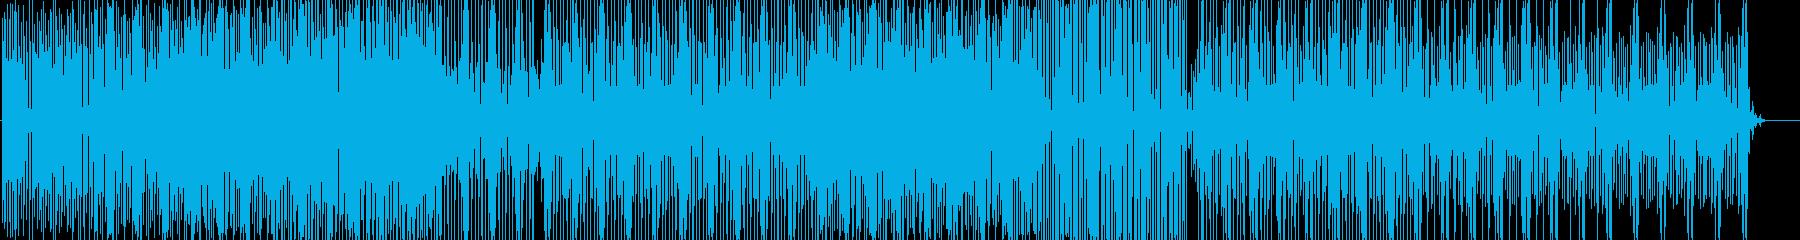 ニュース-店舗-テックハウス-IT-PVの再生済みの波形